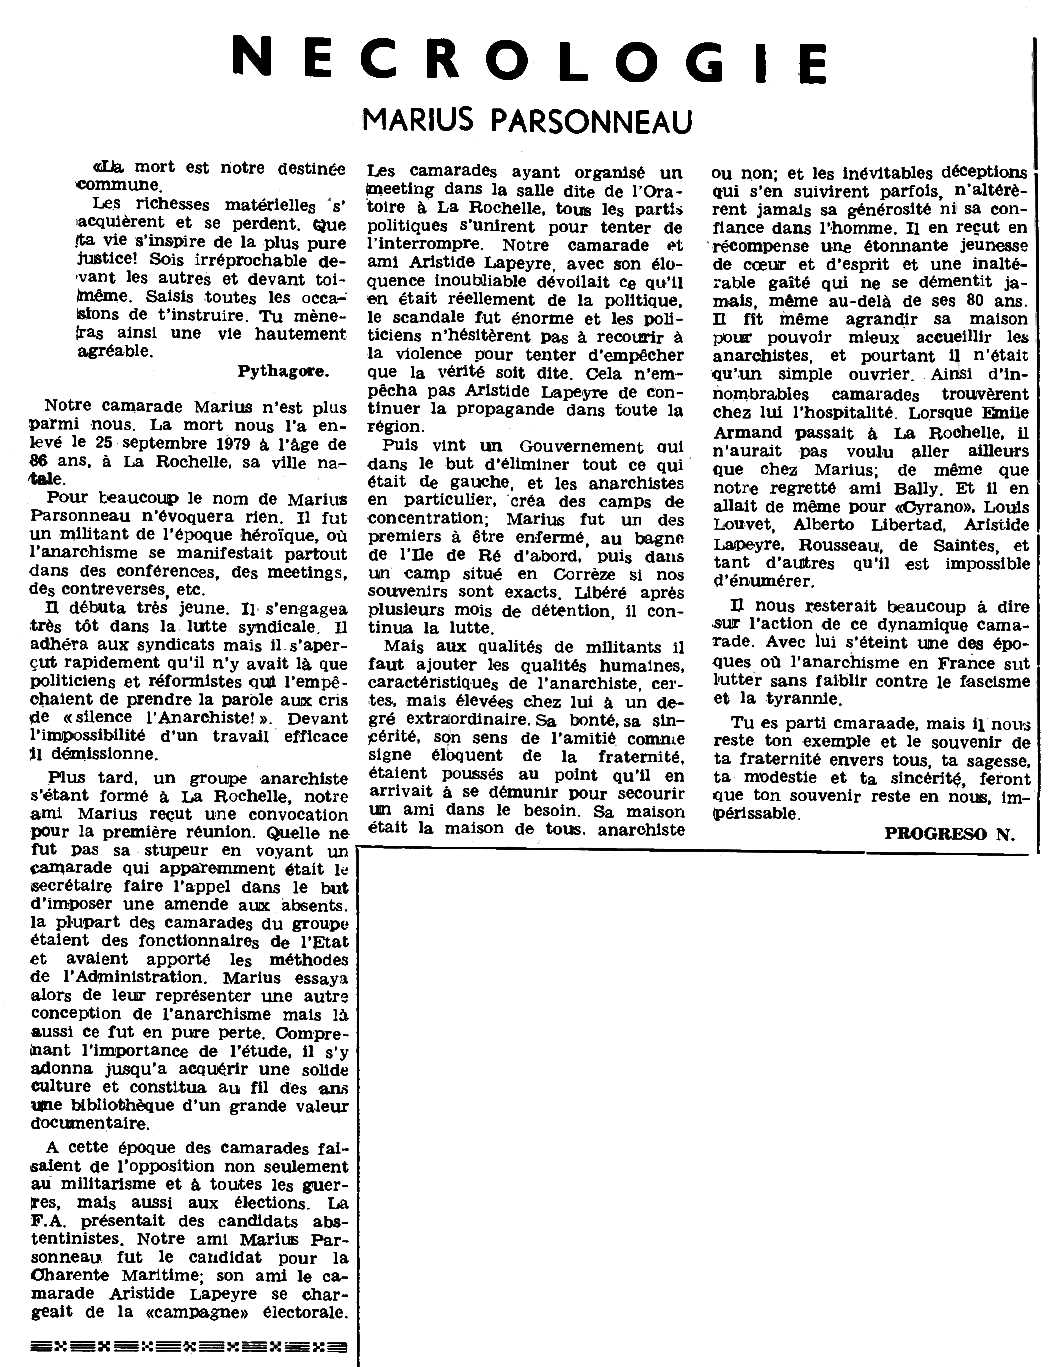 """Necrològica de Marius Parsonneau apareguda en el periòdic parisenc """"Le Combat Syndicaliste"""" del 21 de febrer de 1980"""